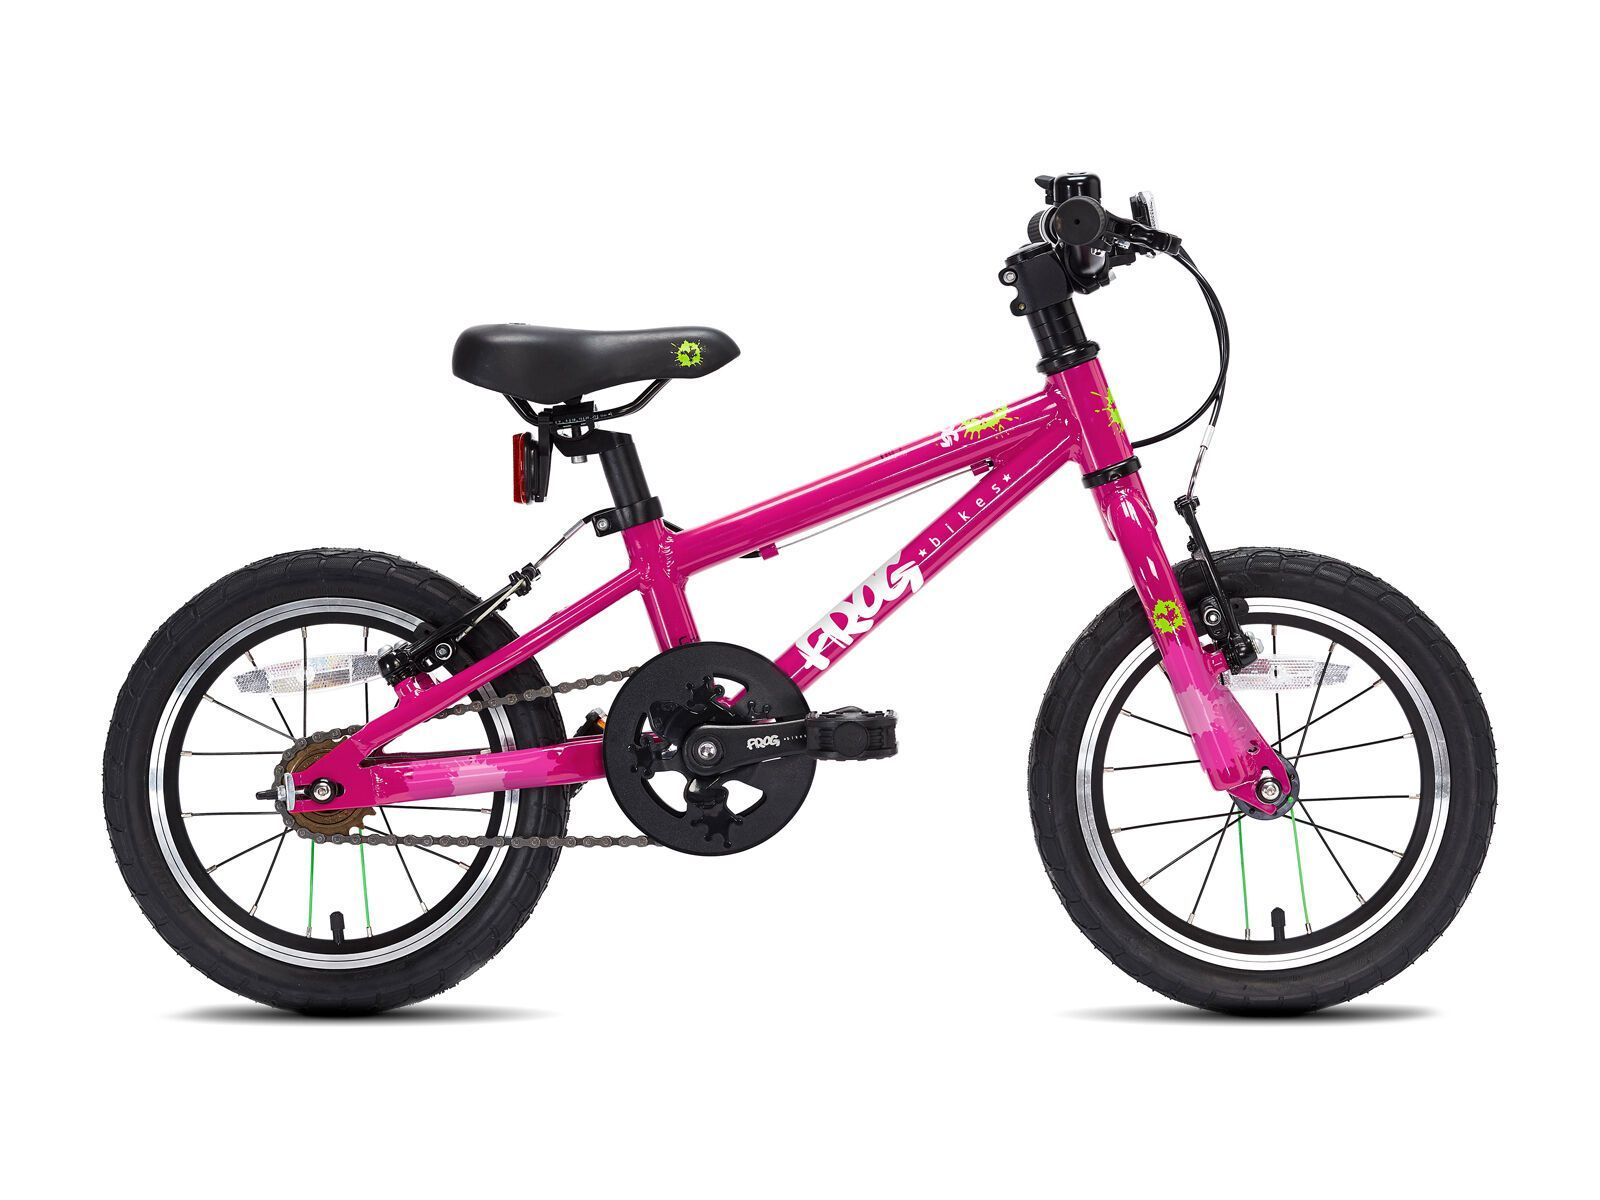 Frog Bikes Frog 40 pink 2021 17 cm L-FH40-03-PNK